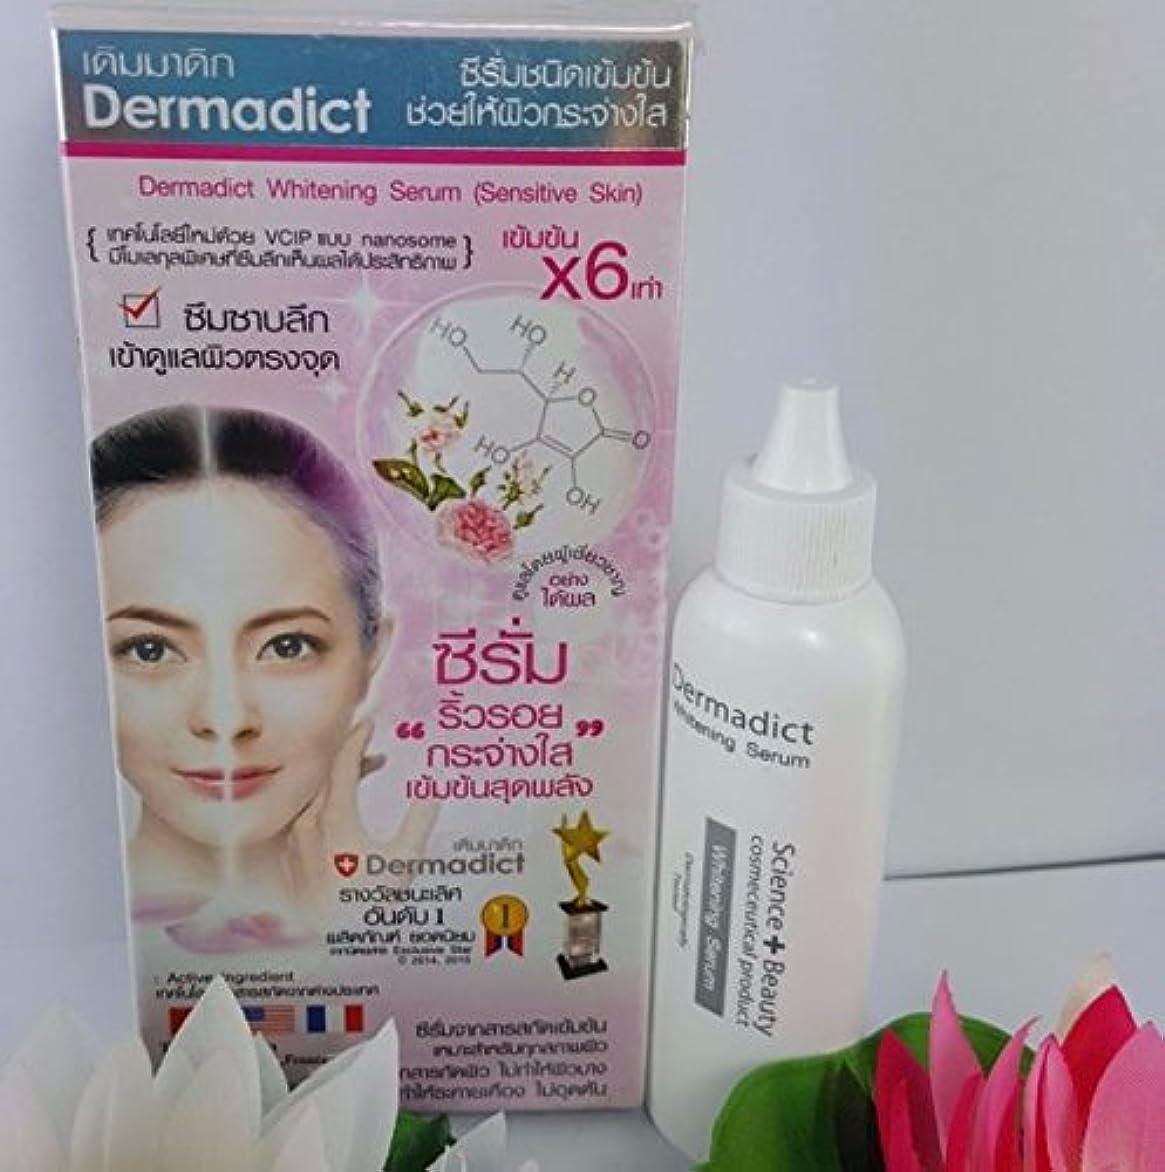 とても多くの失望絵DERMADICT Whitening Serum Skin Cream Repair Sensitive Skin 15ml